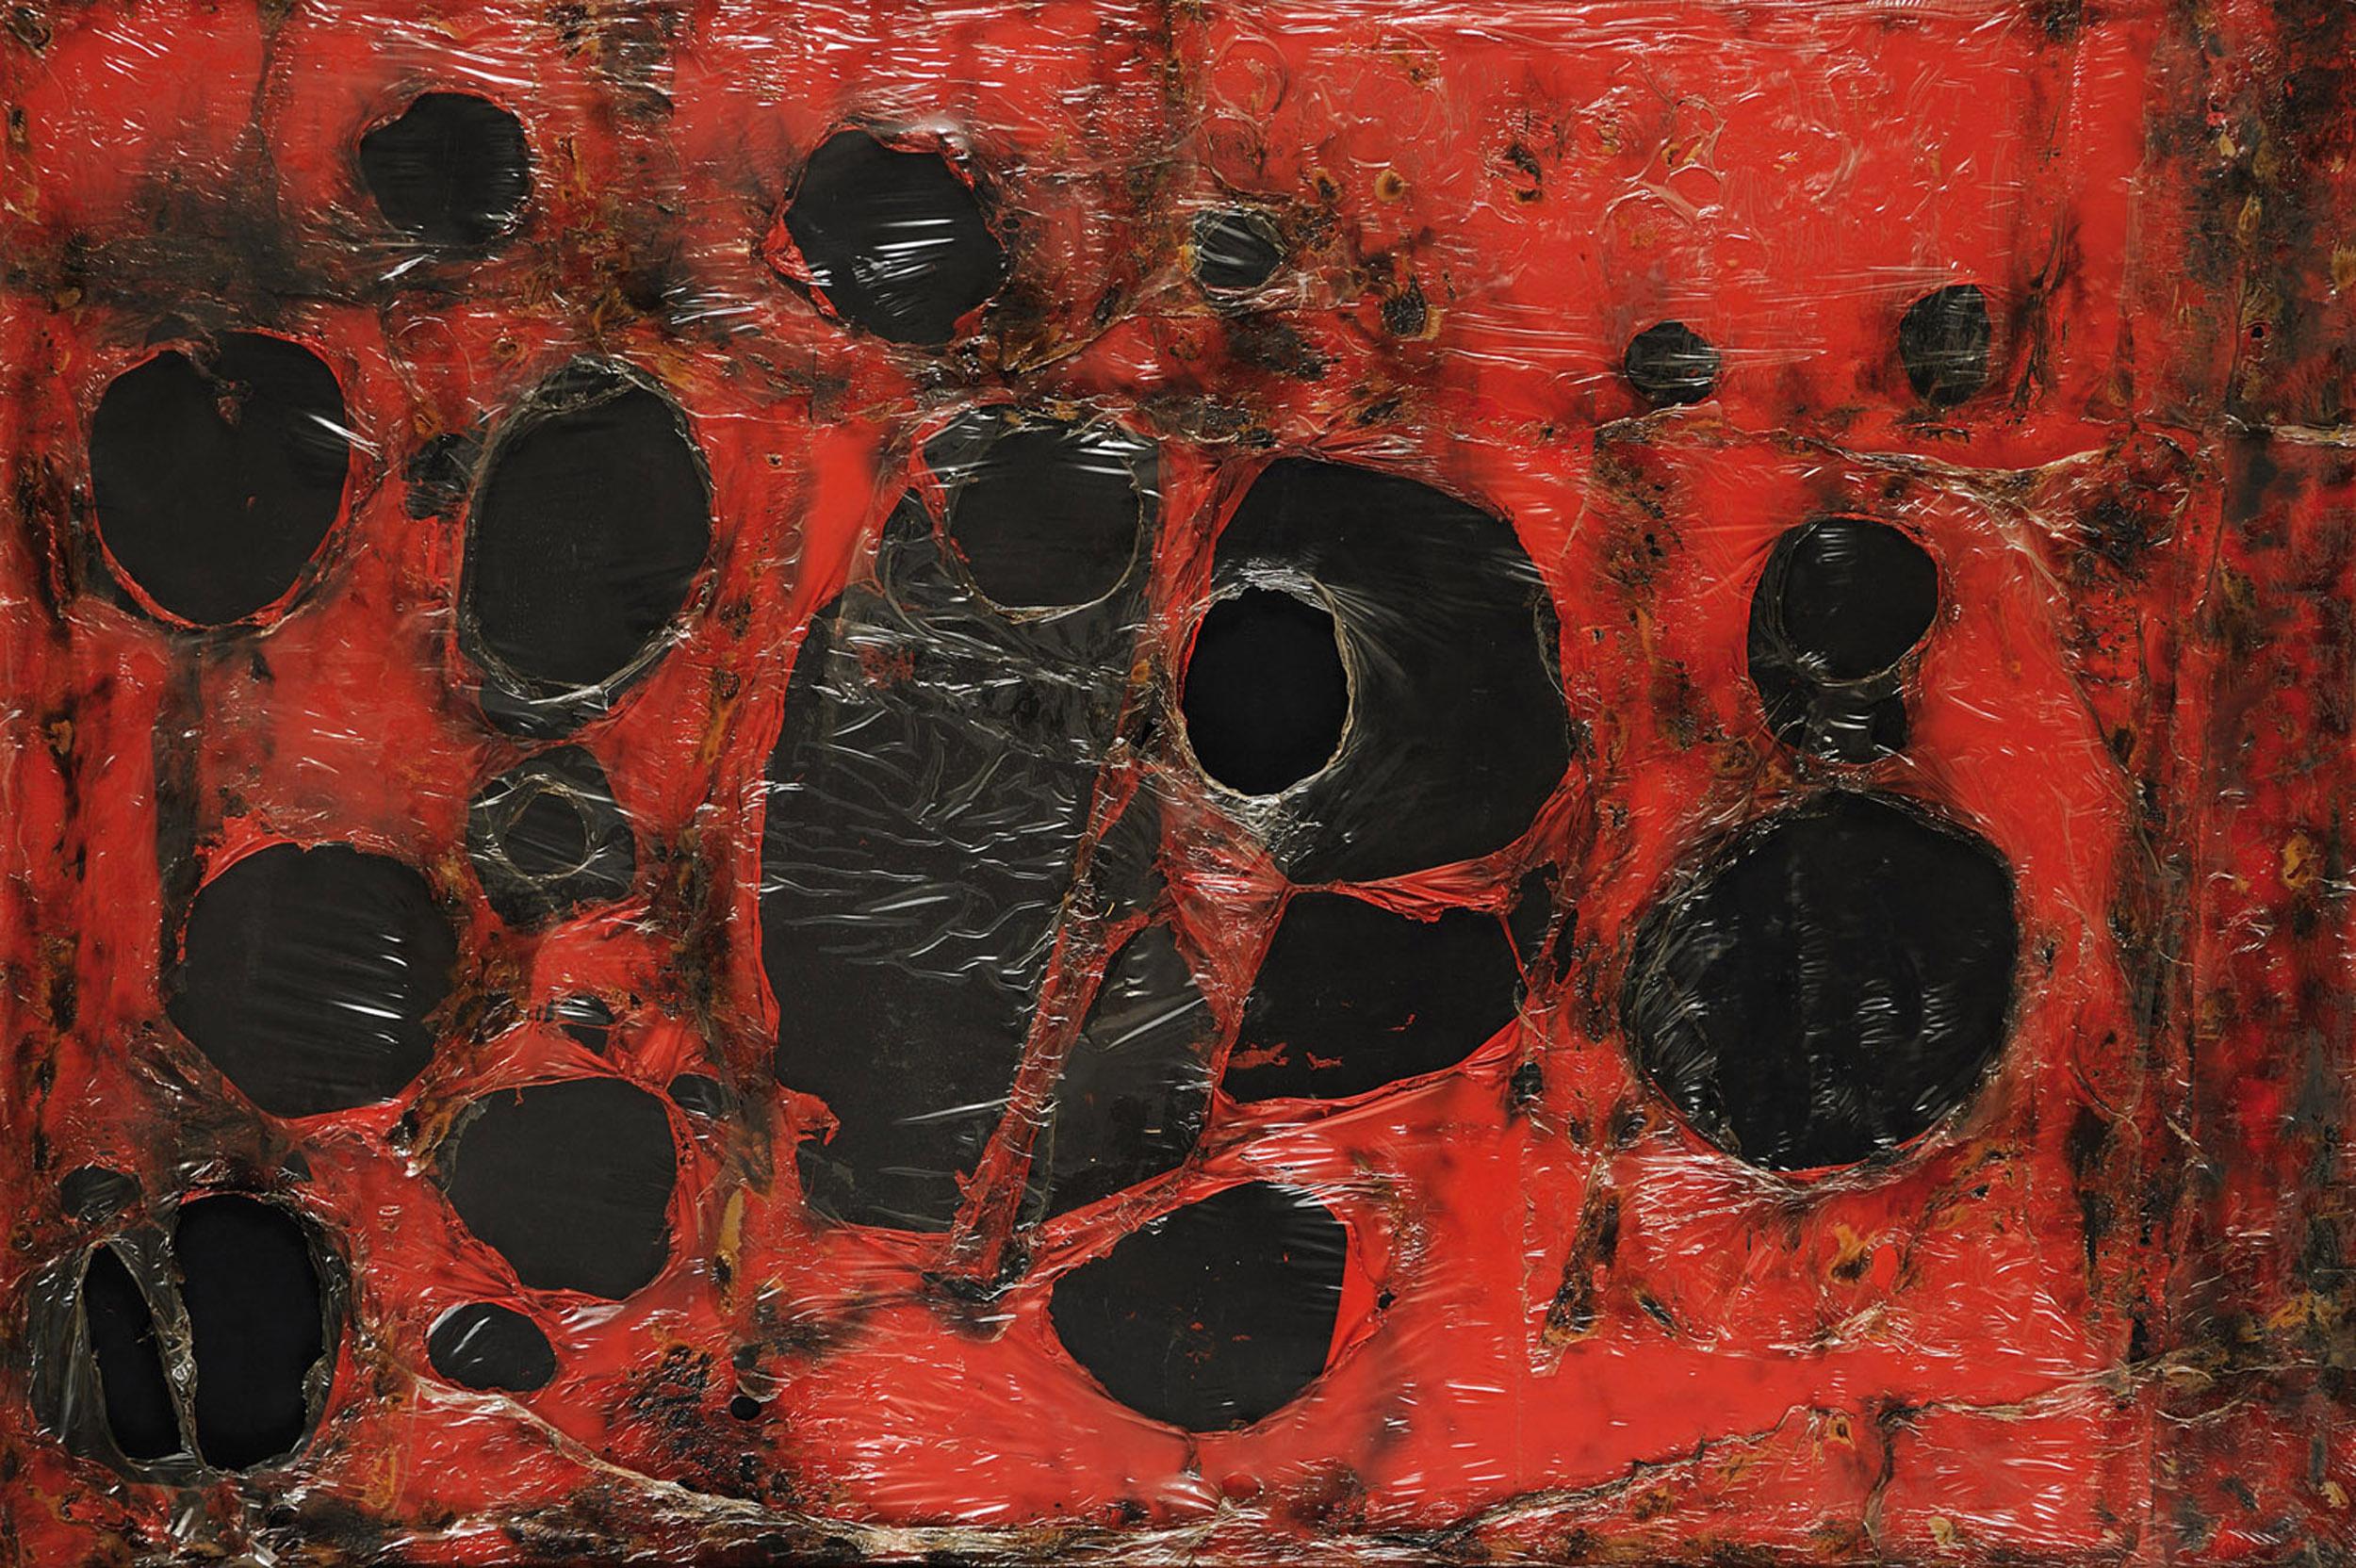 Alberto Burri, rosso plastica, 1961